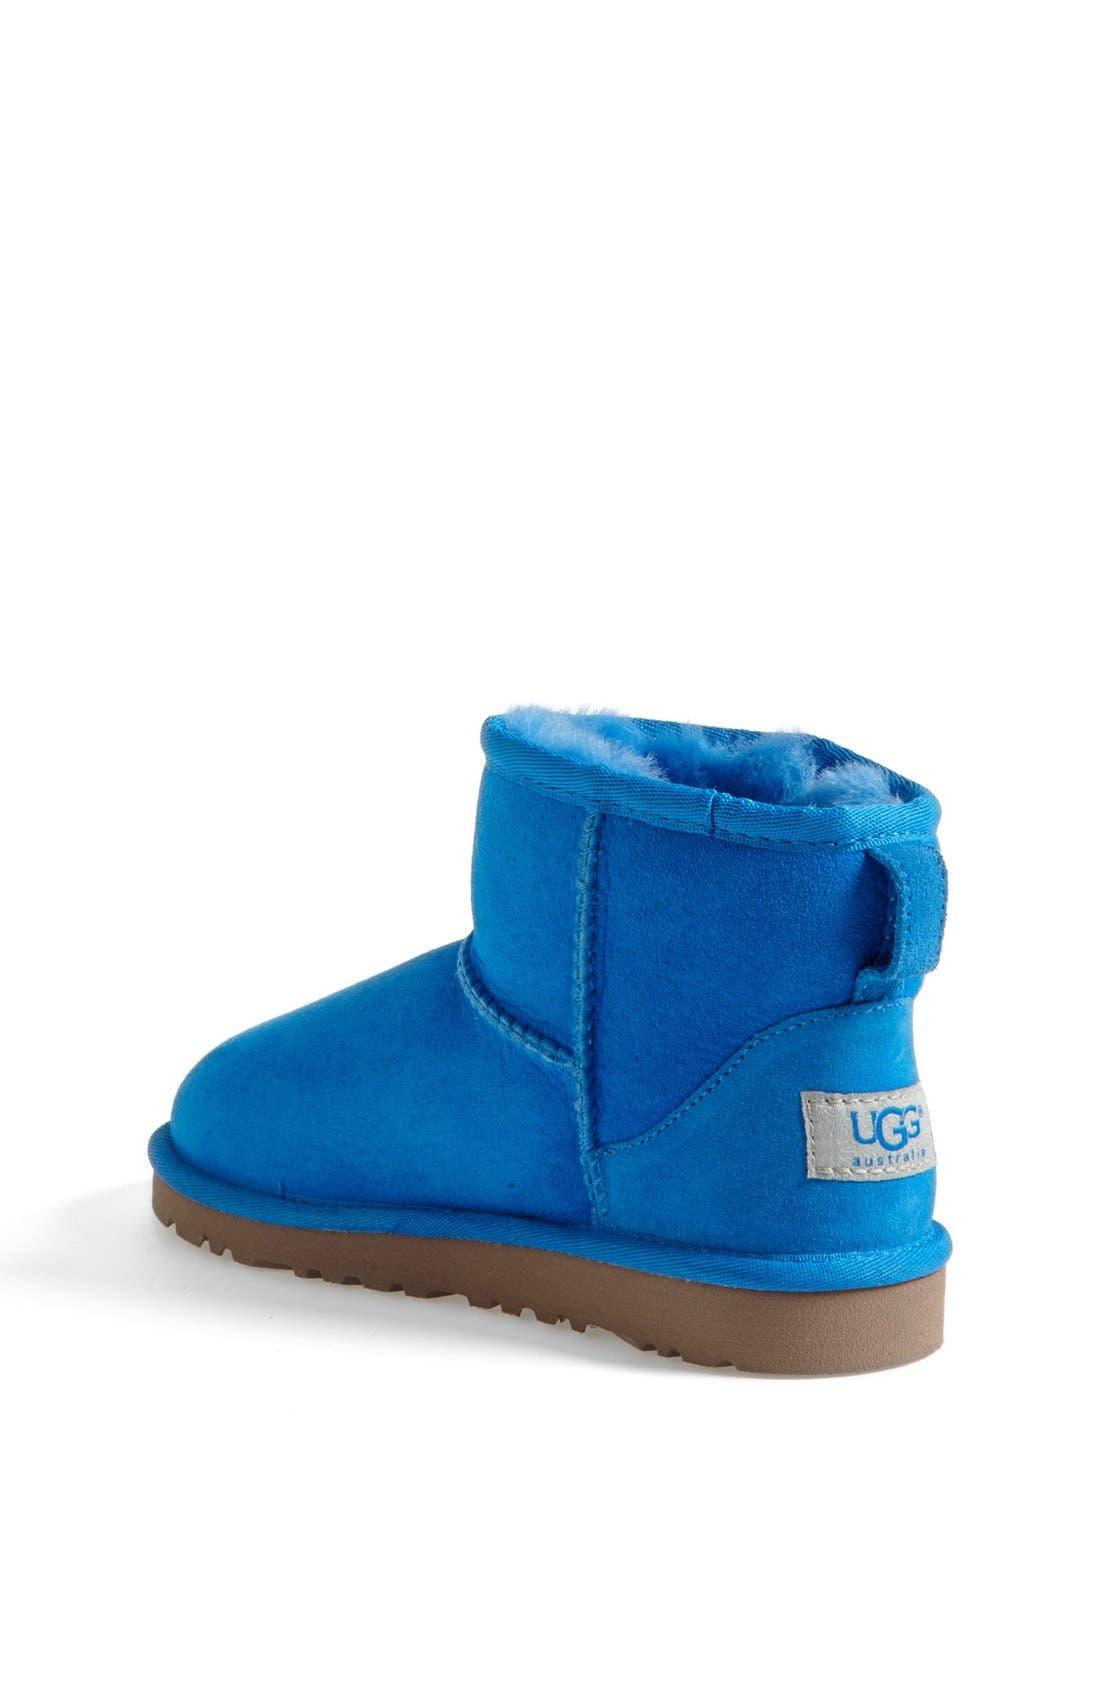 Alternate Image 2  - UGG® Australia 'Classic Mini' Boot (Little Kid & Big Kid)